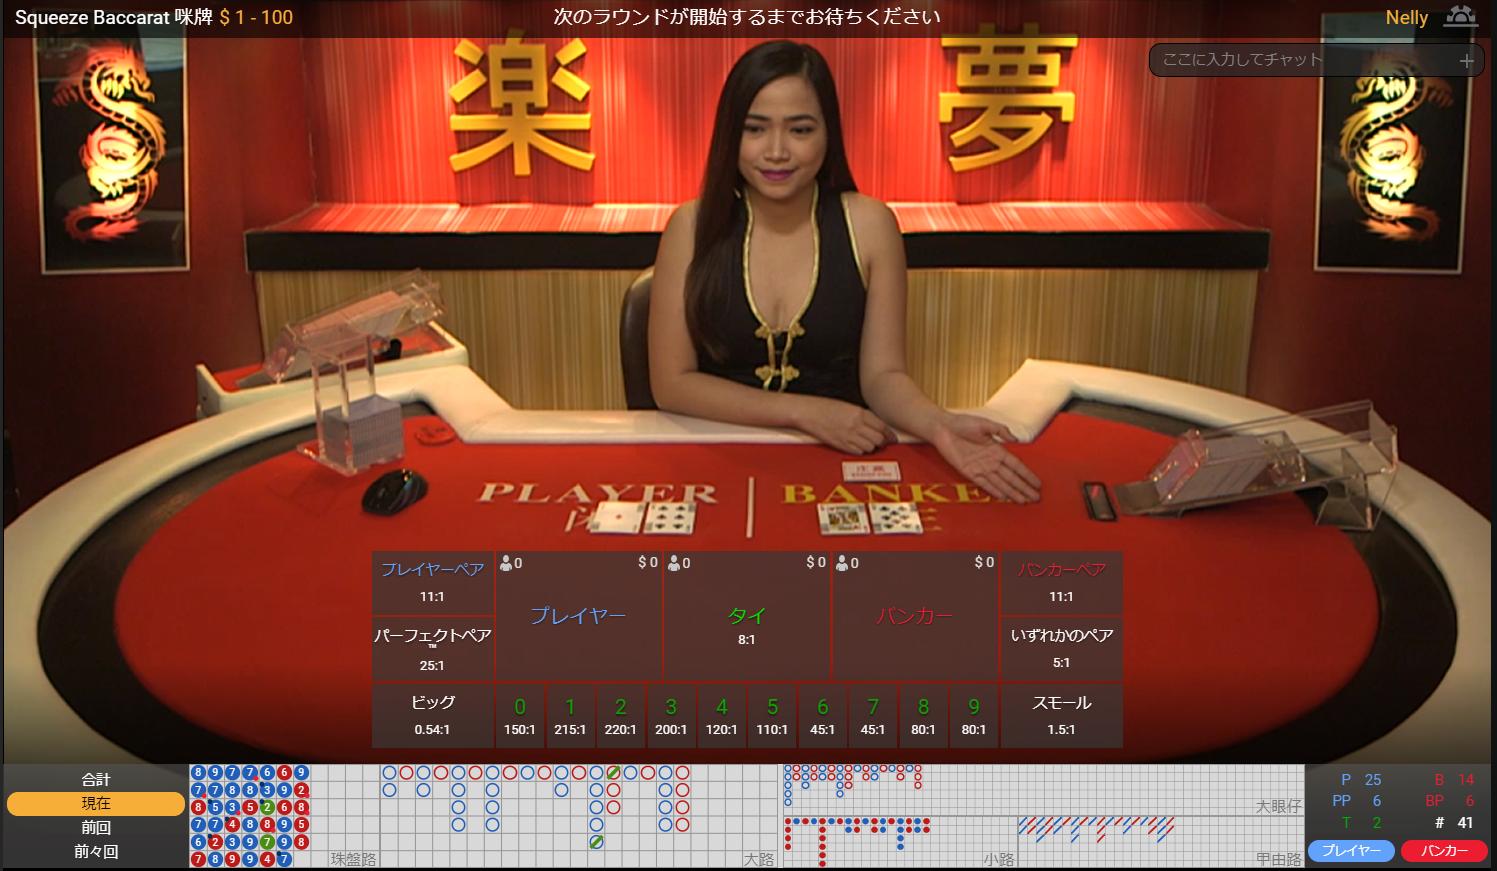 カリビアンカジノ ライブバカラ テーブルリミット